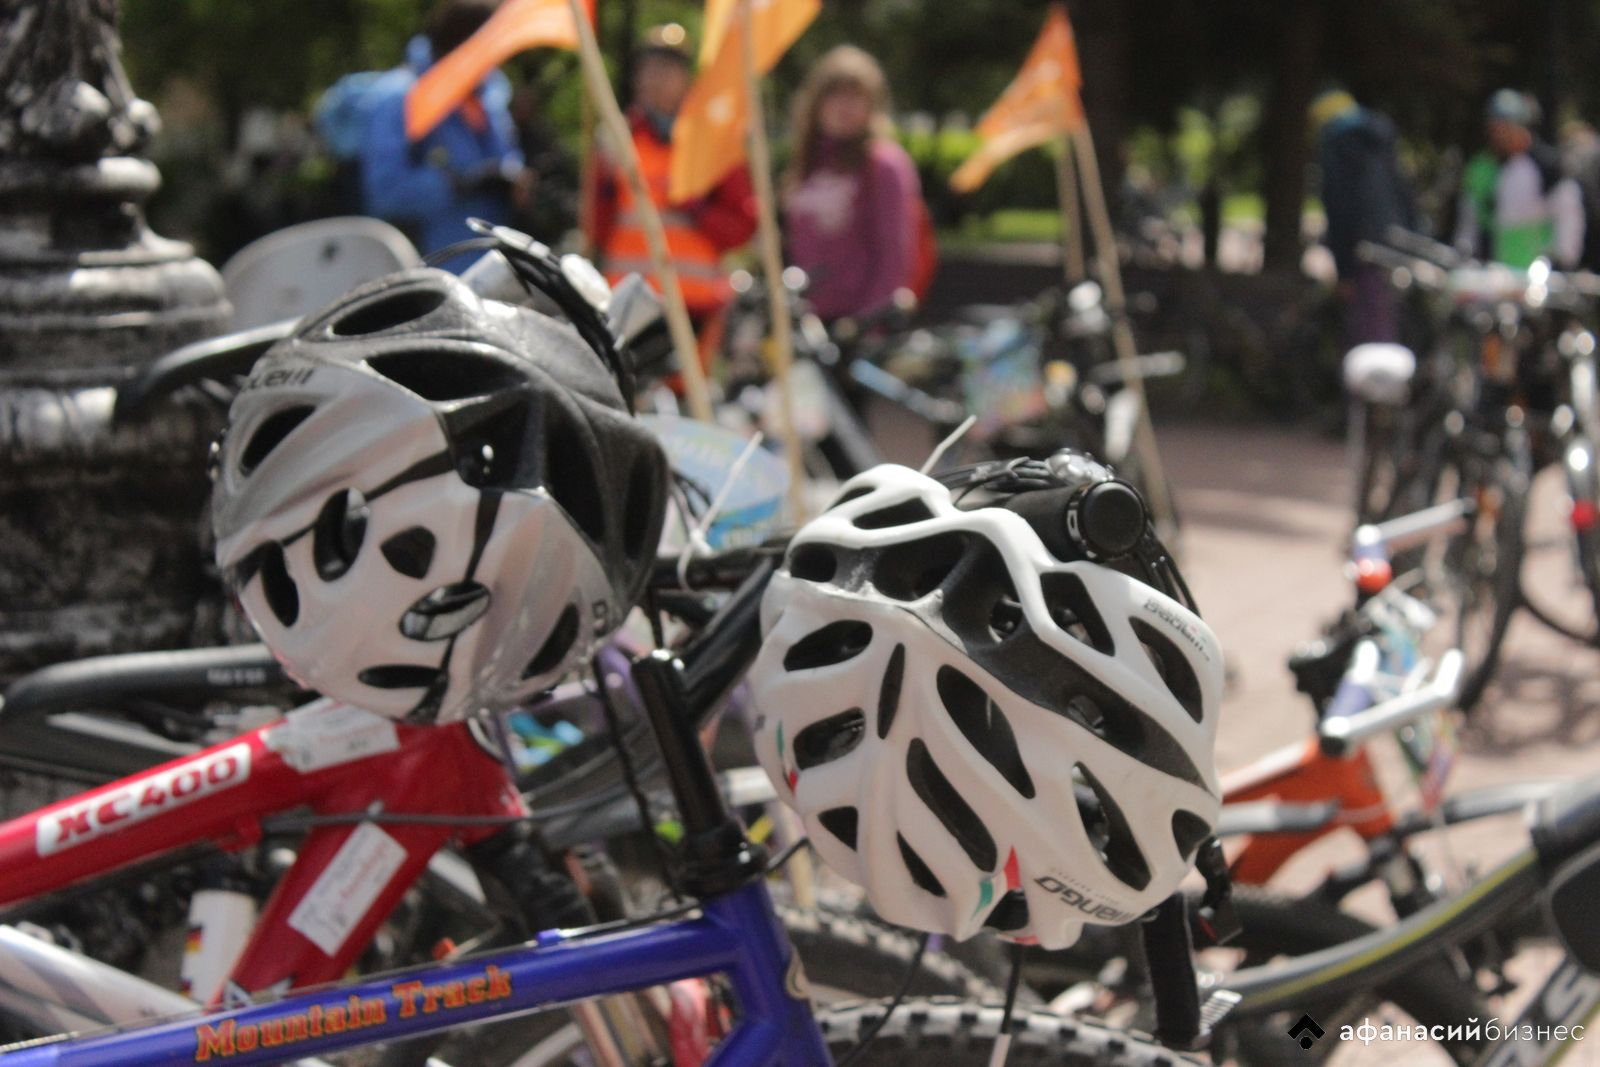 На дороге в Тверской области ограничат движение транспорта из-за велогонки - новости Афанасий